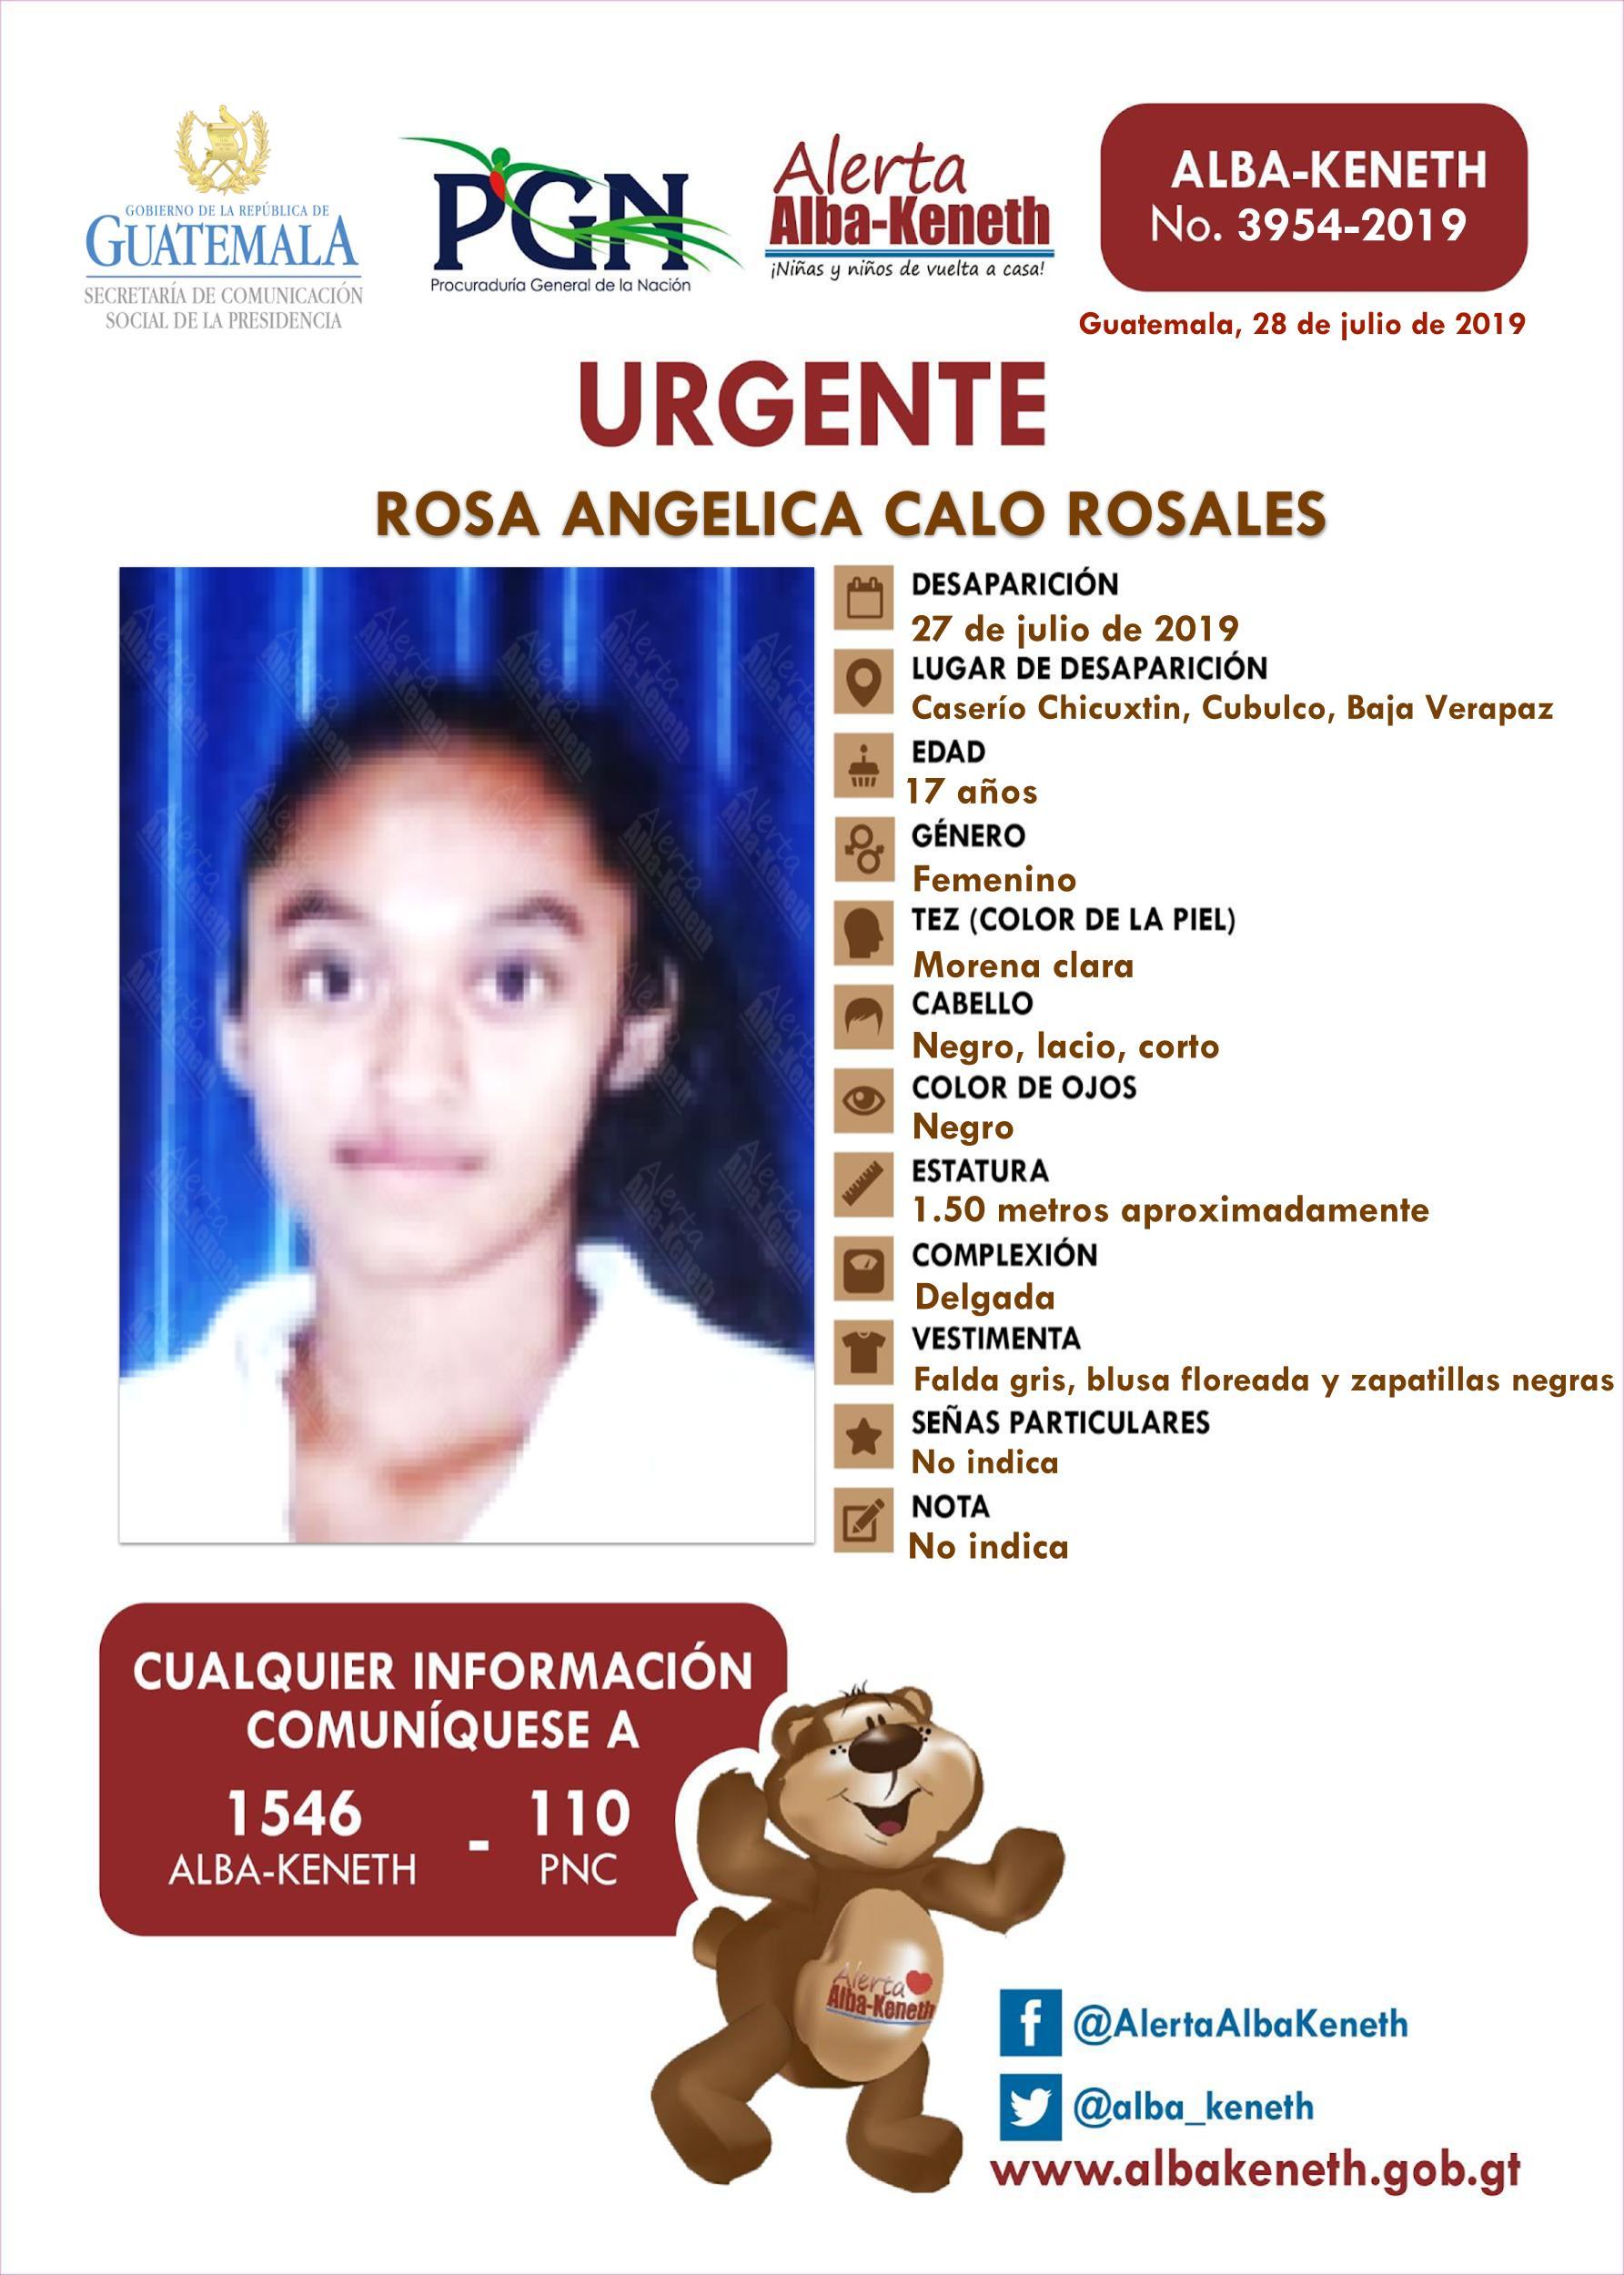 Rosa Angelica Calo Rosales